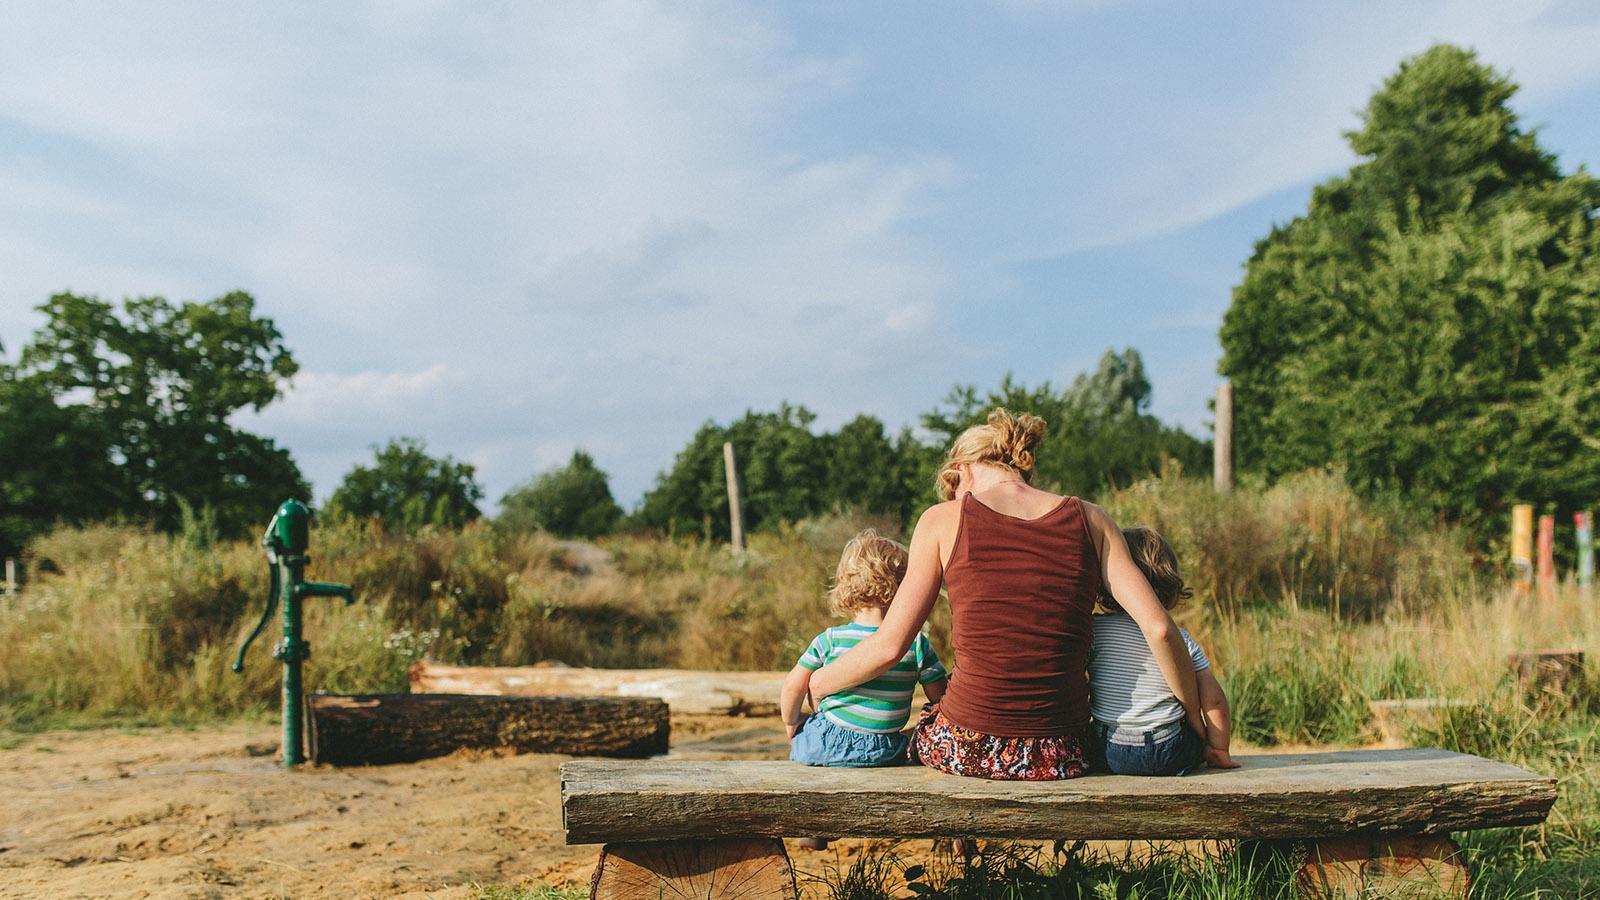 Fotograf - Daniel Zube - Familienfotografie - Bremen und deutschlandweit